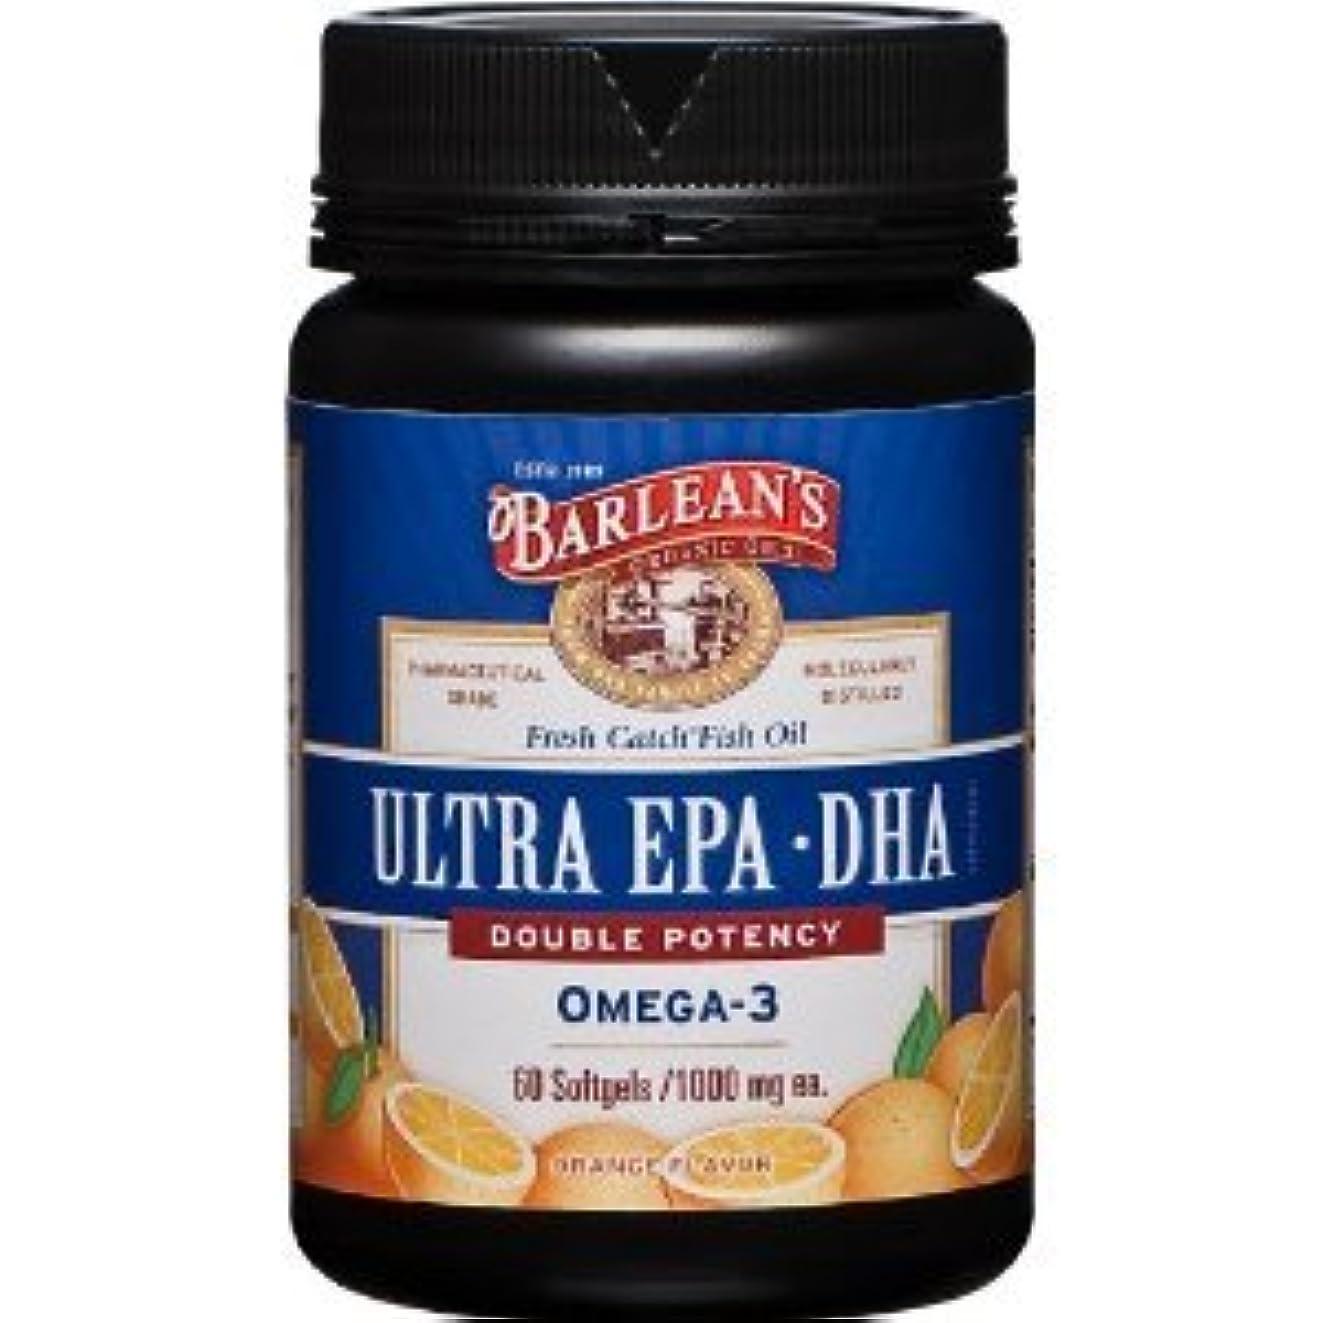 余裕がある巨人市場高濃度 (1000mg)  EPA DHA (オレンジフレーバー)-  60 Softgels (海外直送品)